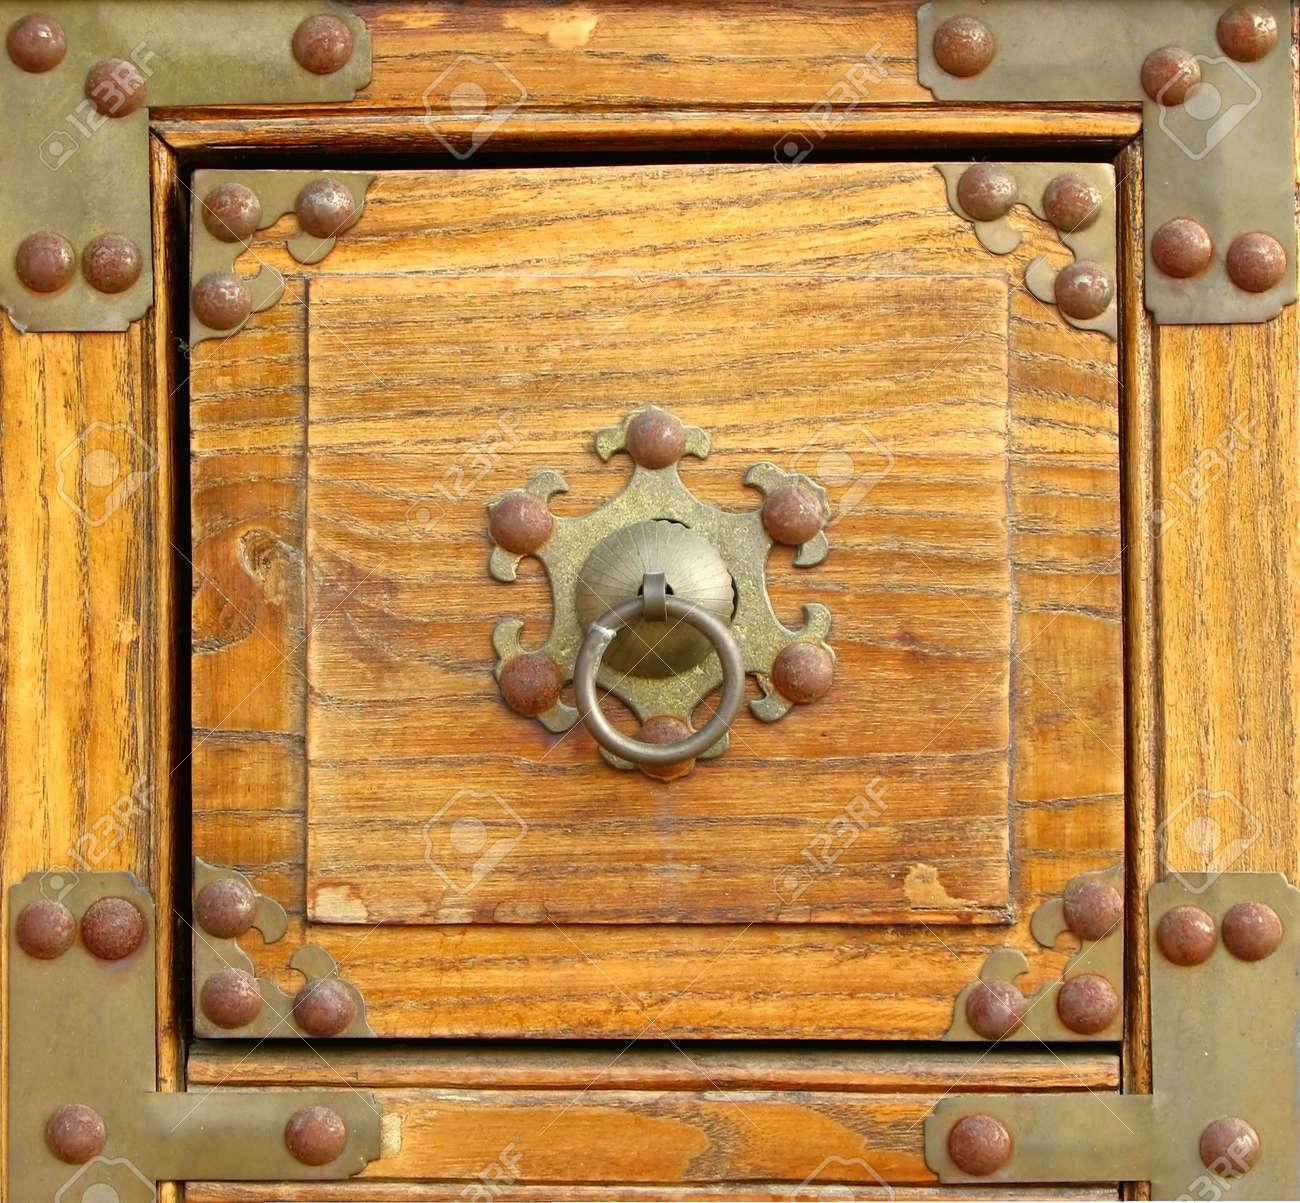 Alte Kommode Ein Stück Antike Chinesische Möbel Lizenzfreie Fotos